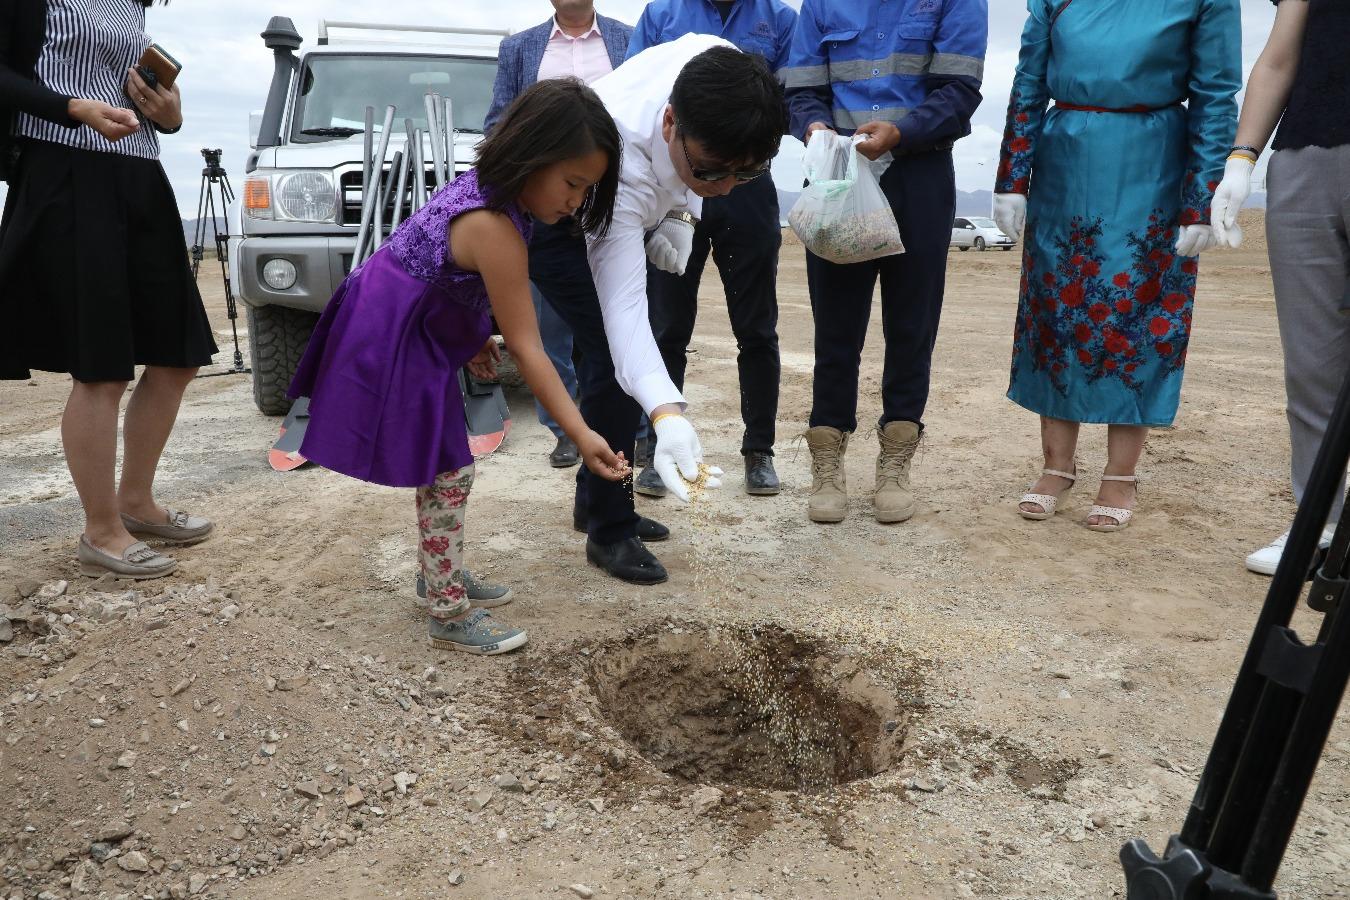 Даланзадгадад 1200 хүүхдийн шинэ сургуулийн барилгын ажлыг эхлүүллээ